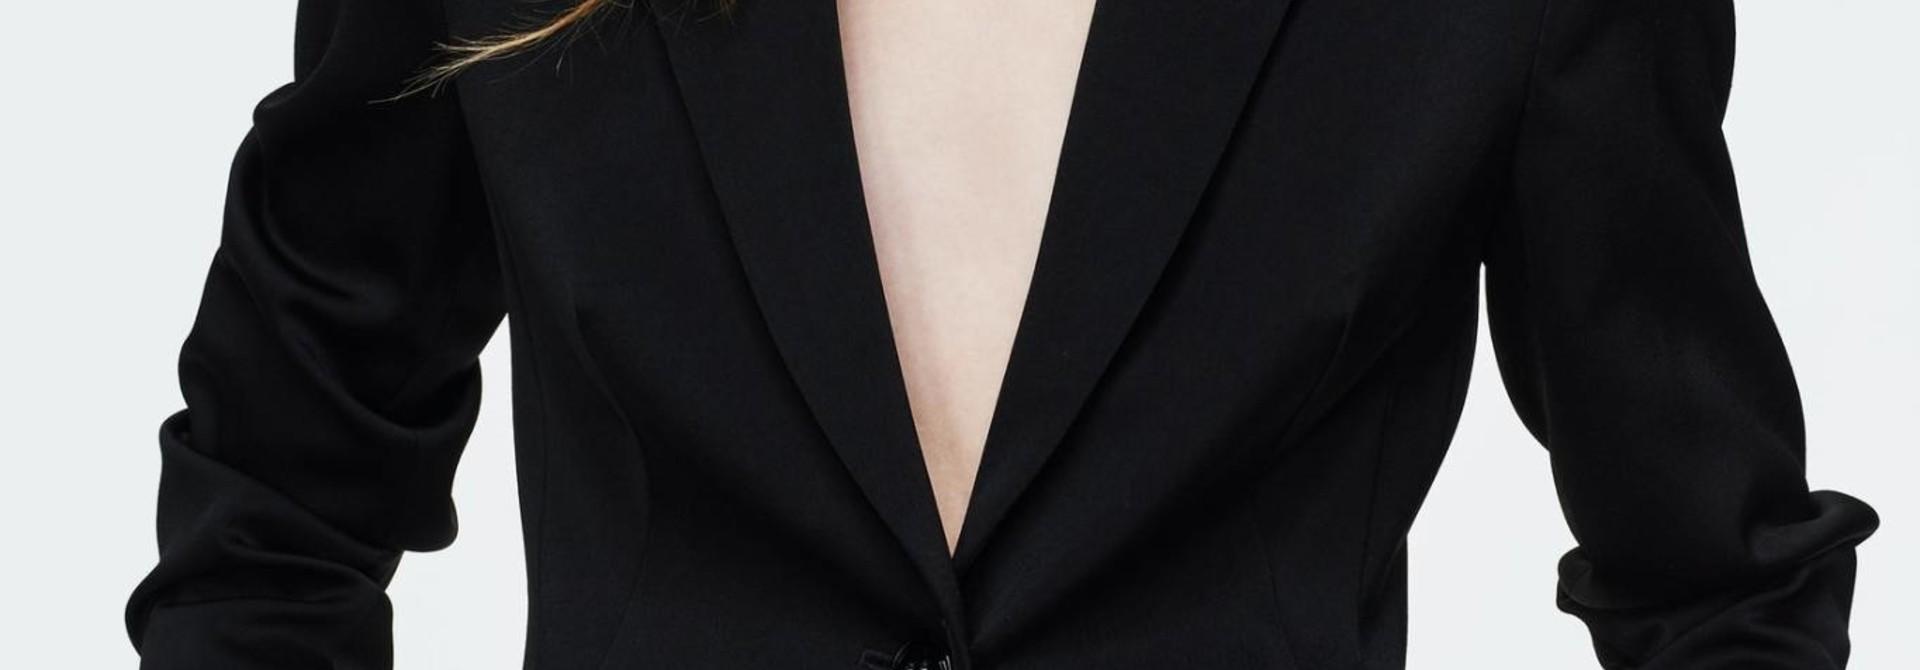 Classy statement jacket dorothee schumacher